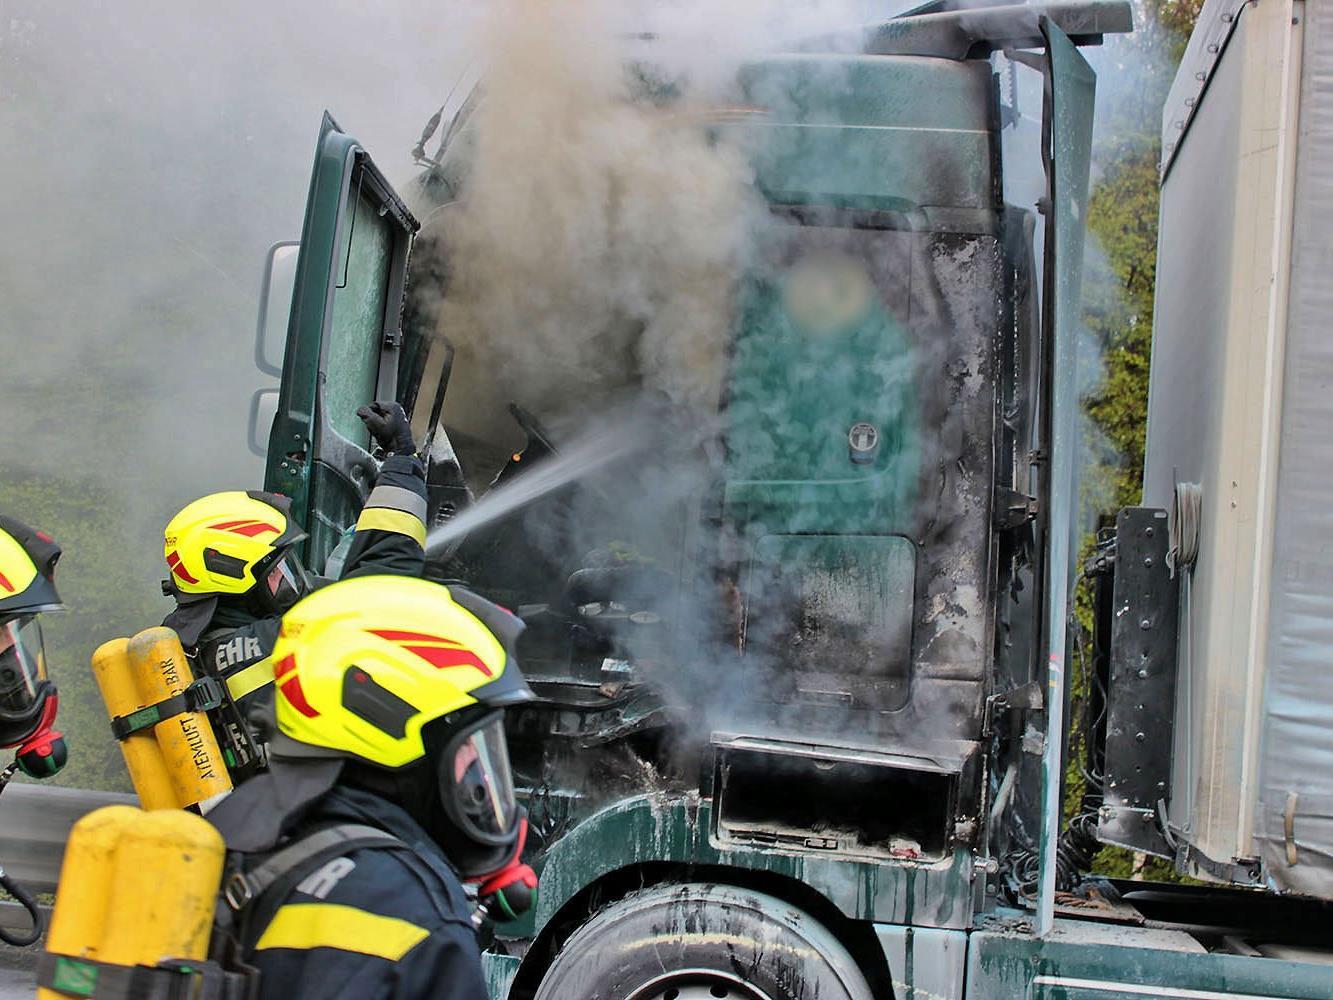 Einsatzkräfte der Feuerwehr während der Brandlöschung auf der A21